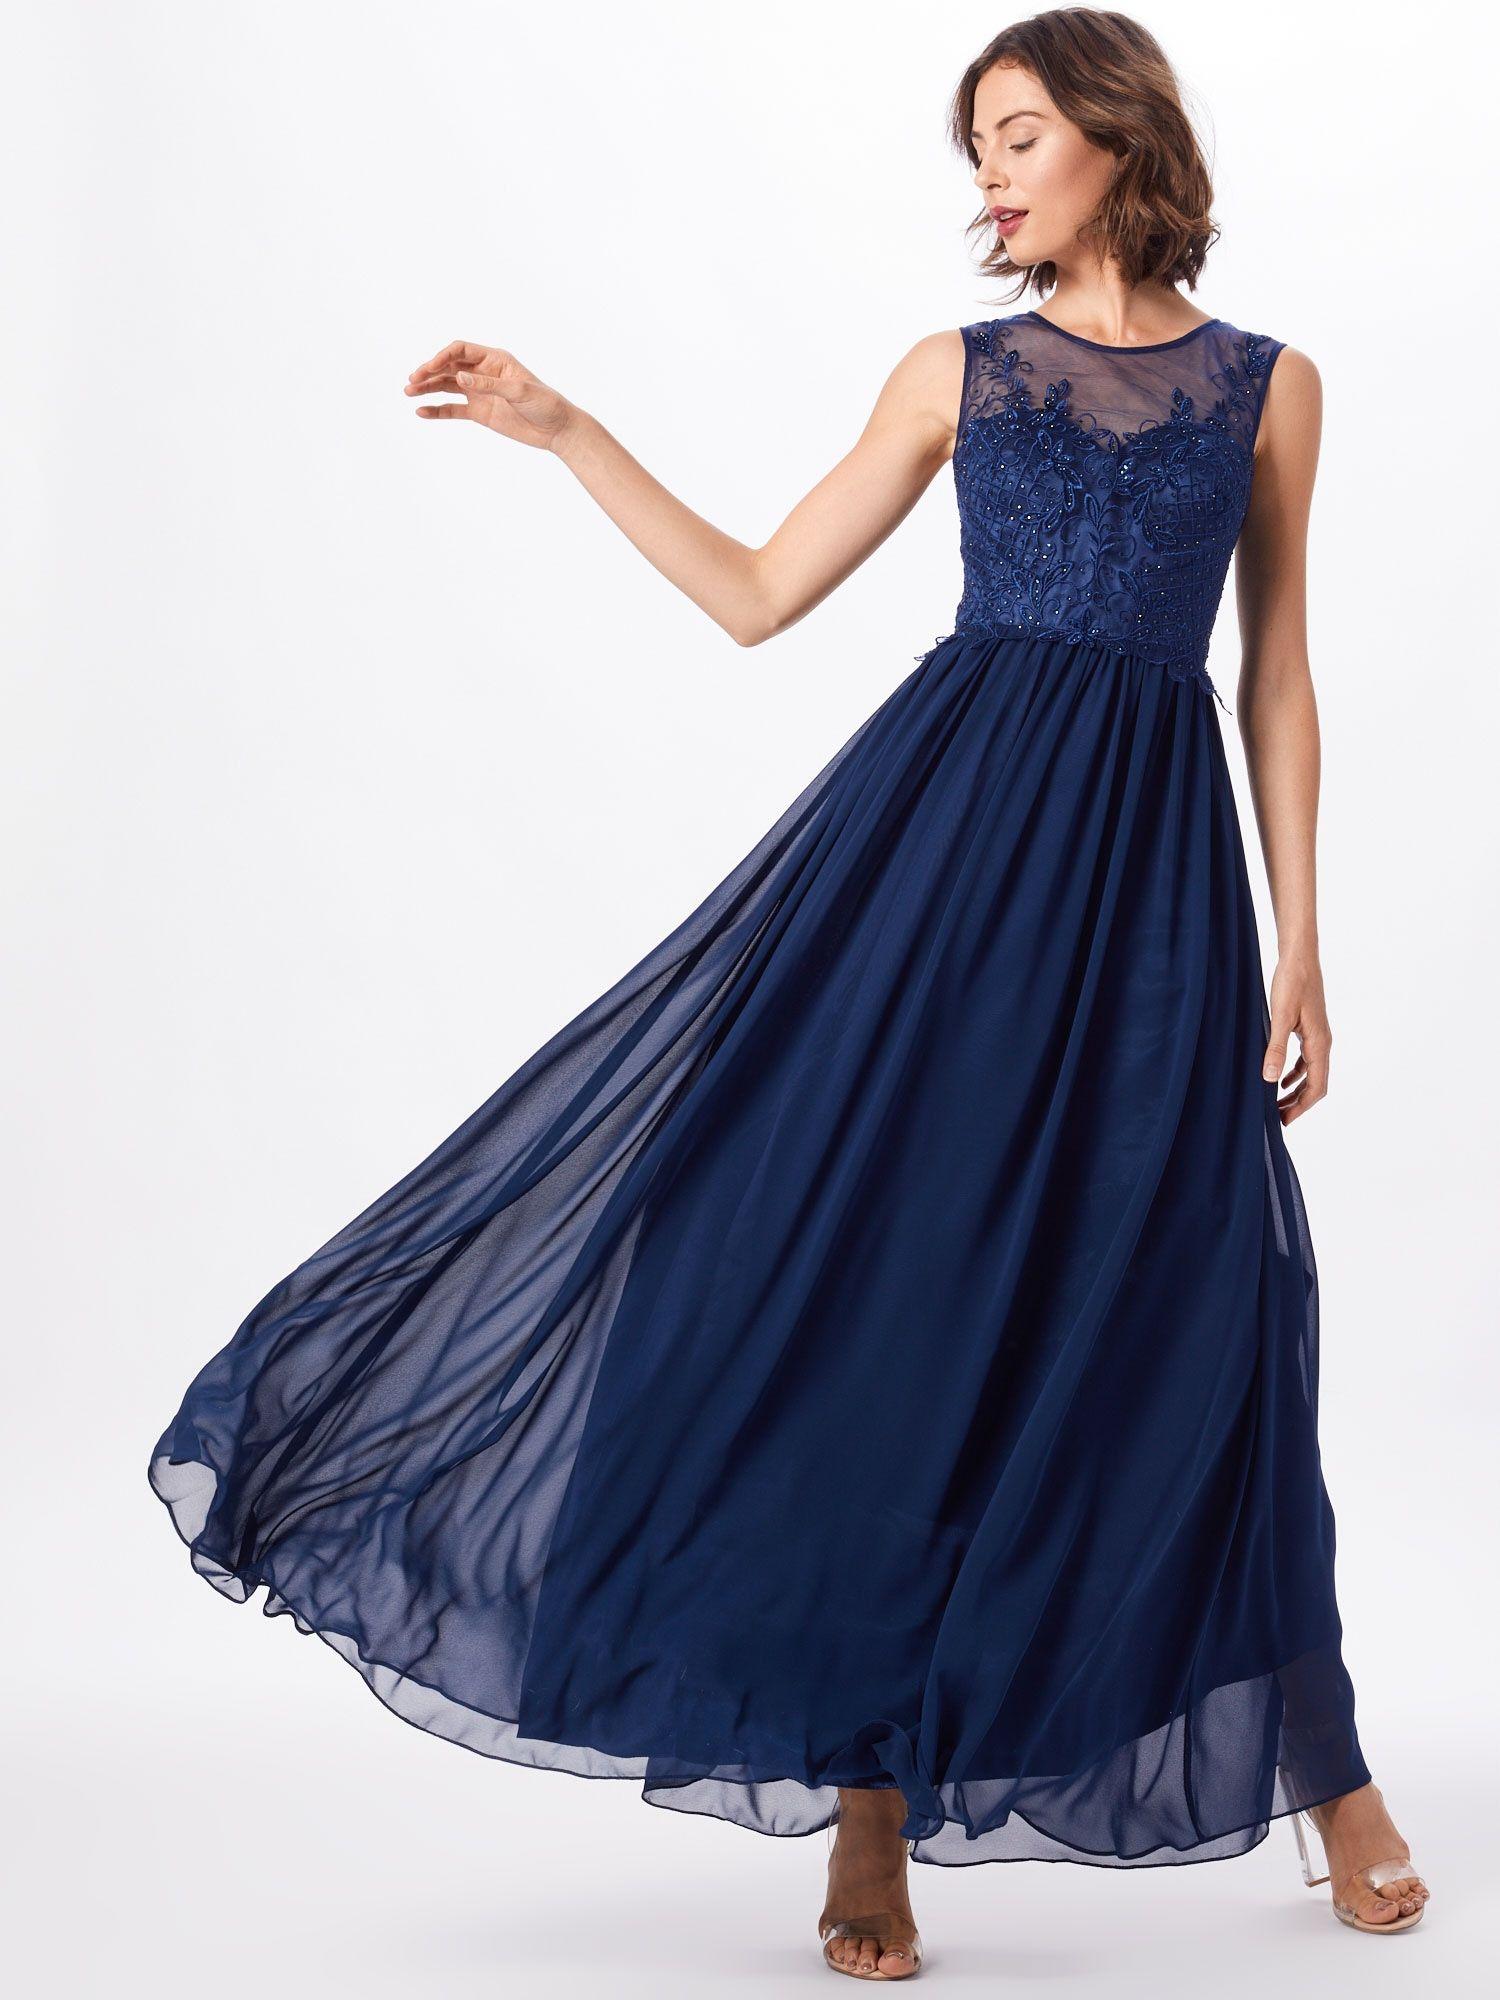 laona kleid damen dunkelblau größe 34 in 2020 | laona kleid